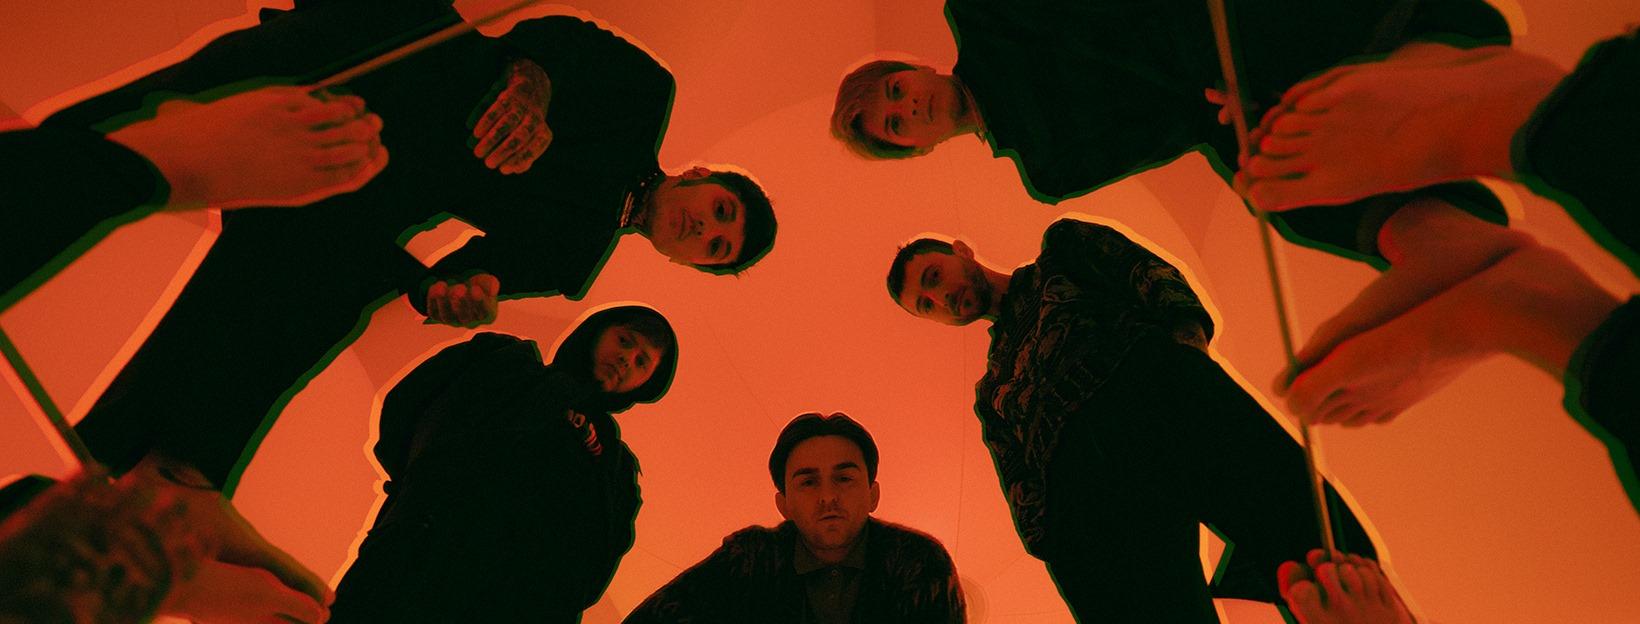 Bring Me The Horizon anuncia nuevo EP, primero de la serie